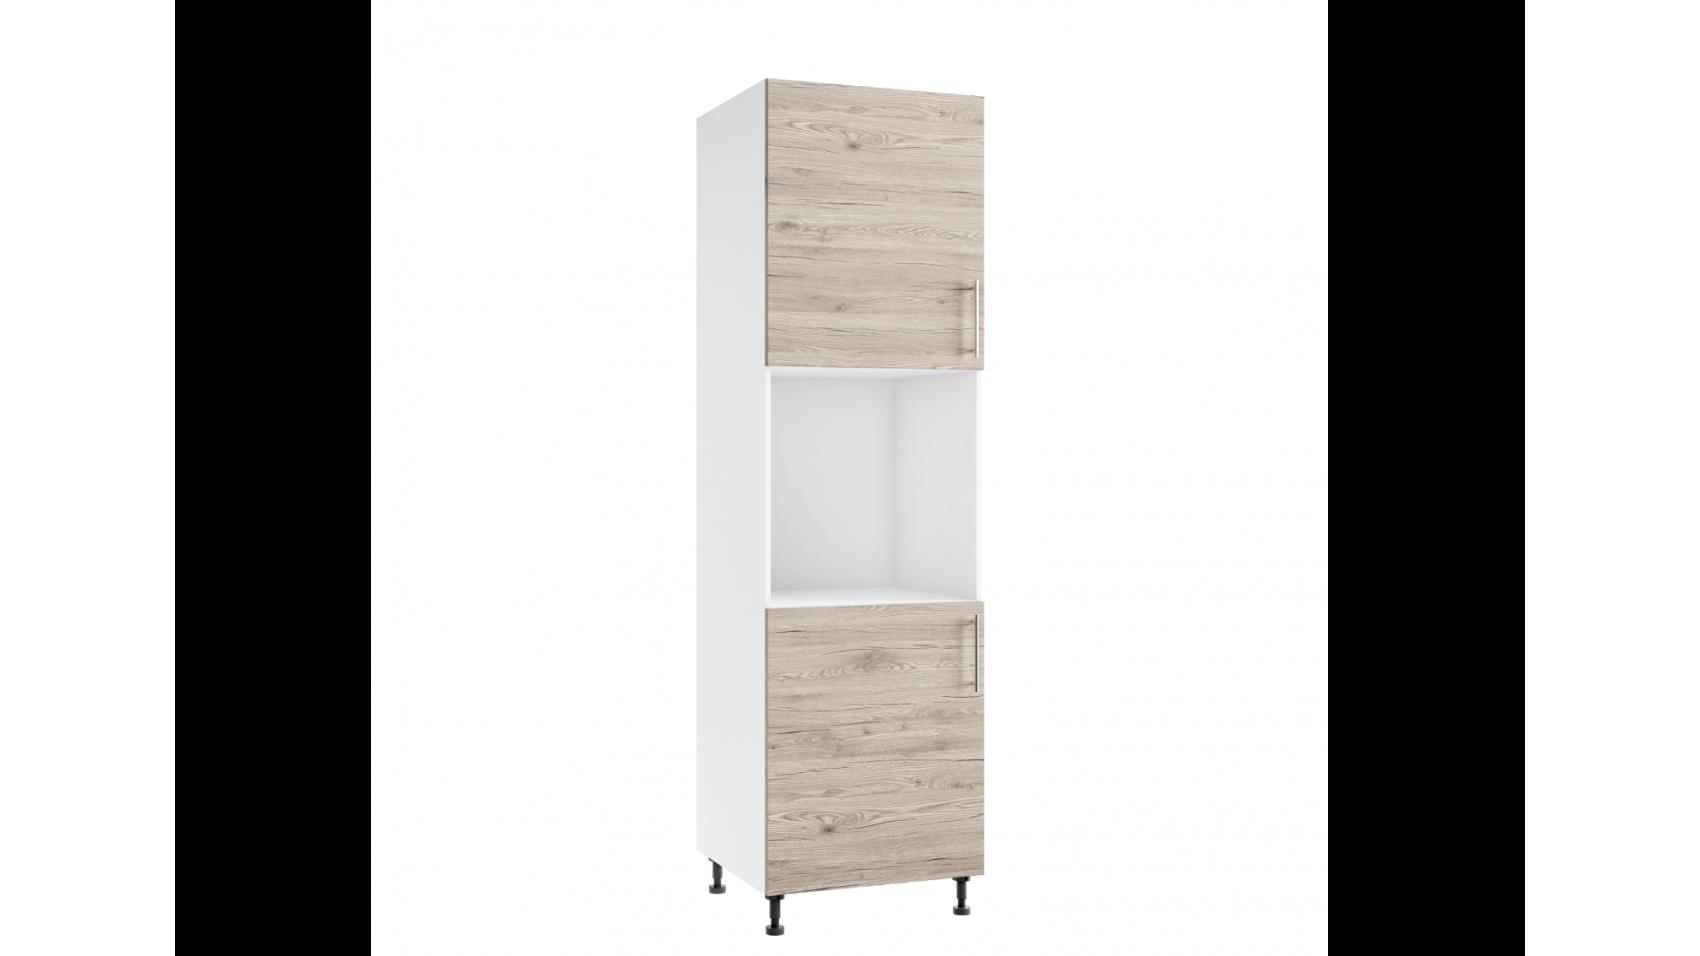 Kuchenne szafy wysokie Luna San Remo | sklep internetowy Lupus ECO